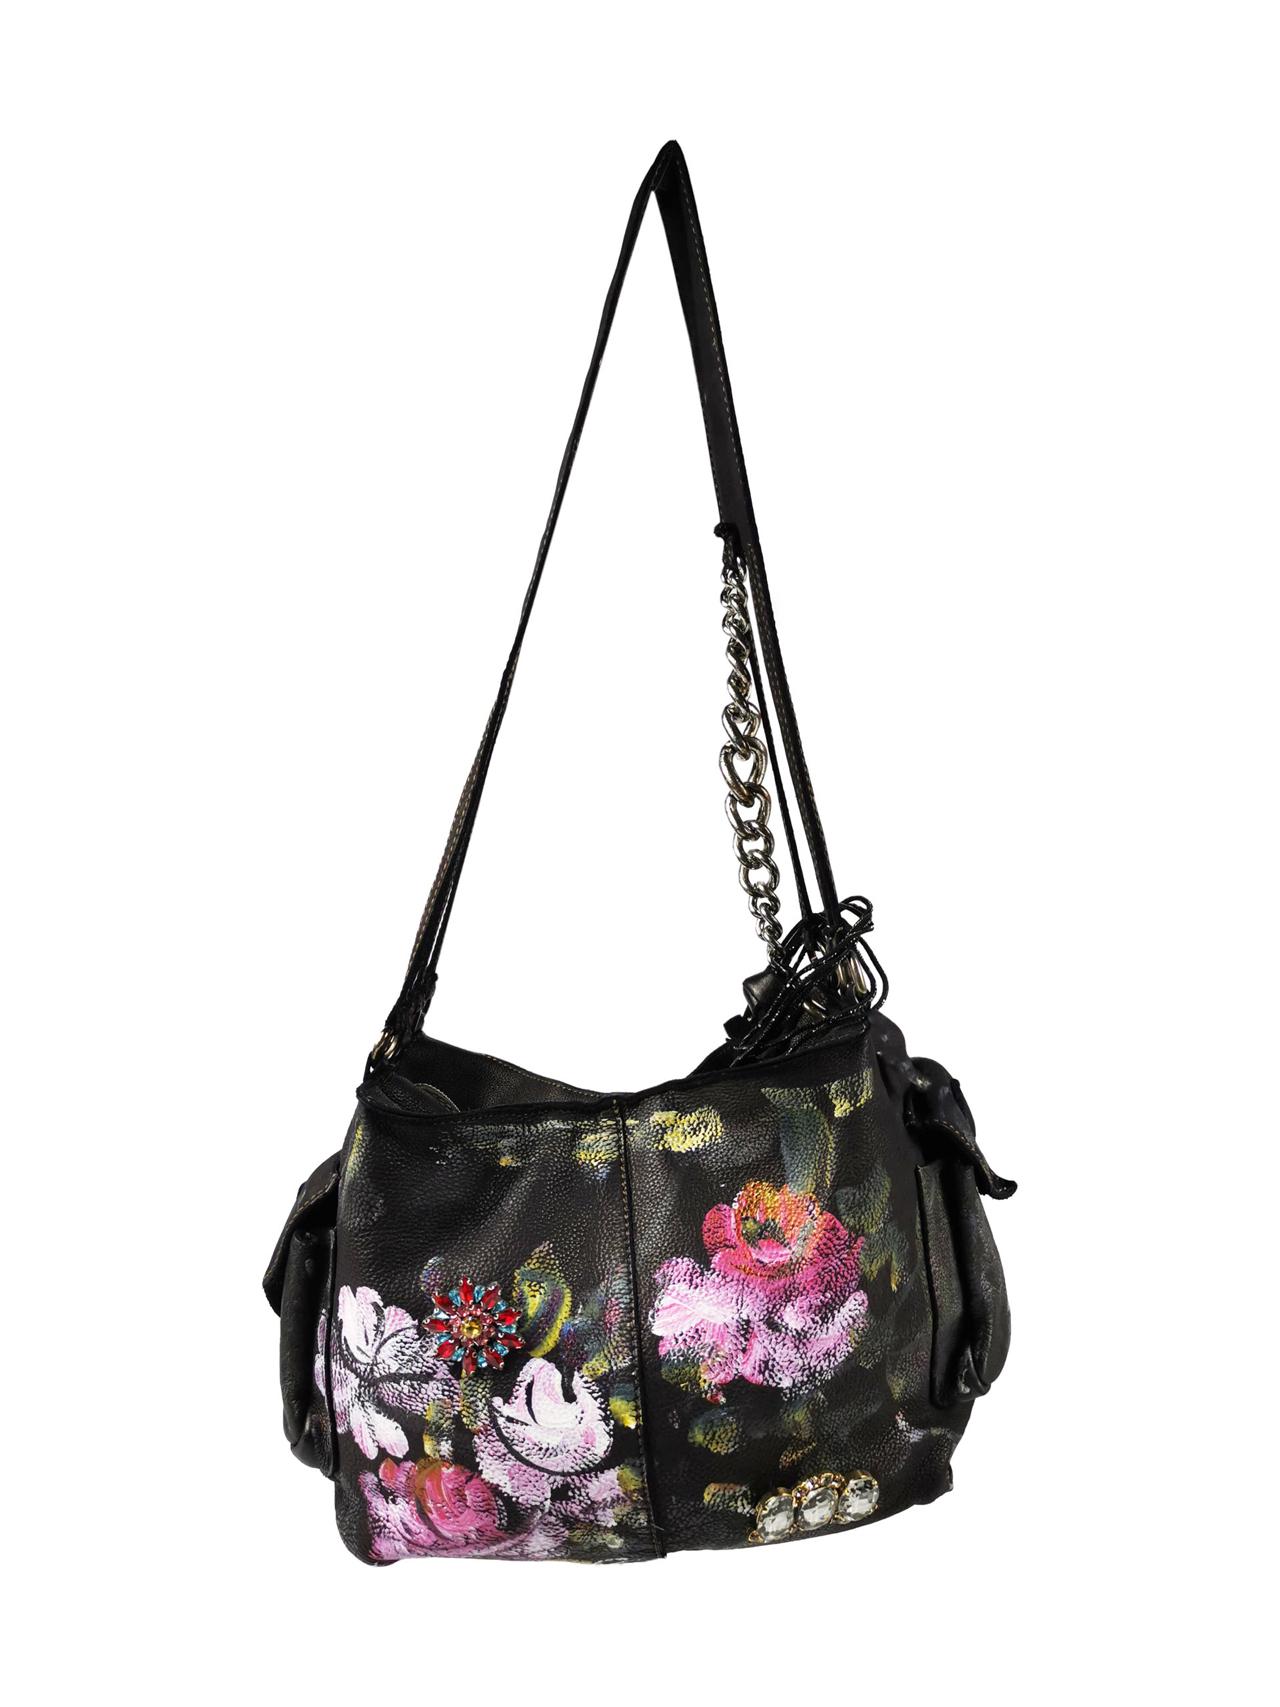 uomo-e-donna-ma-anche-accessori-borsa